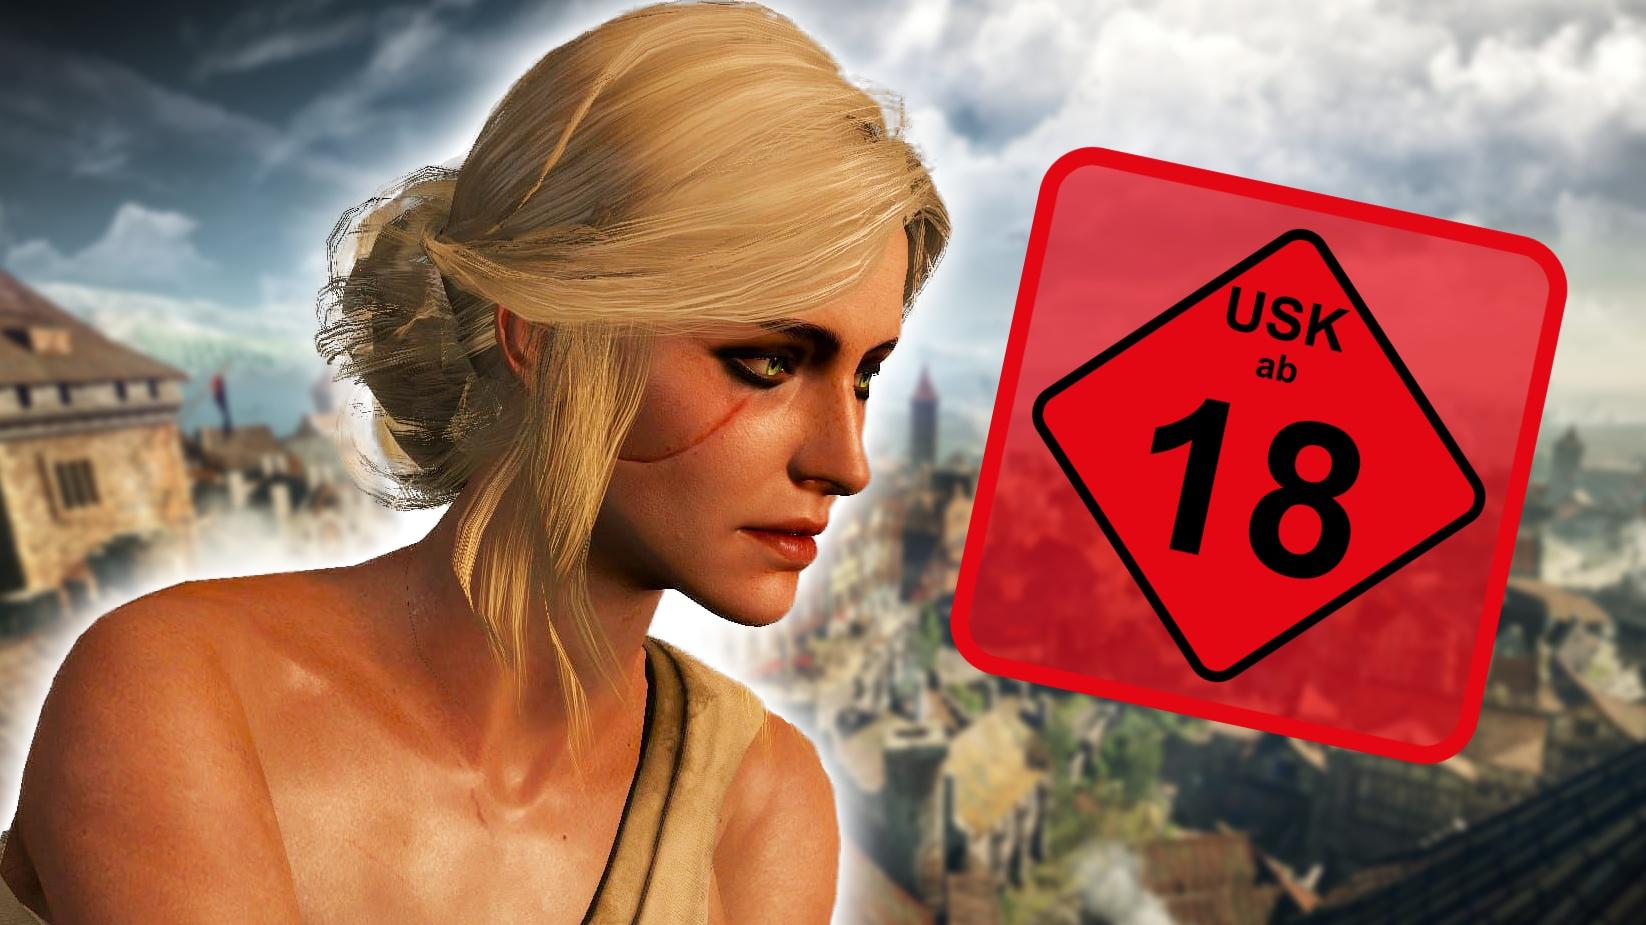 Warum Geralt & Ciri in Witcher 3 nicht komplett nackt sein